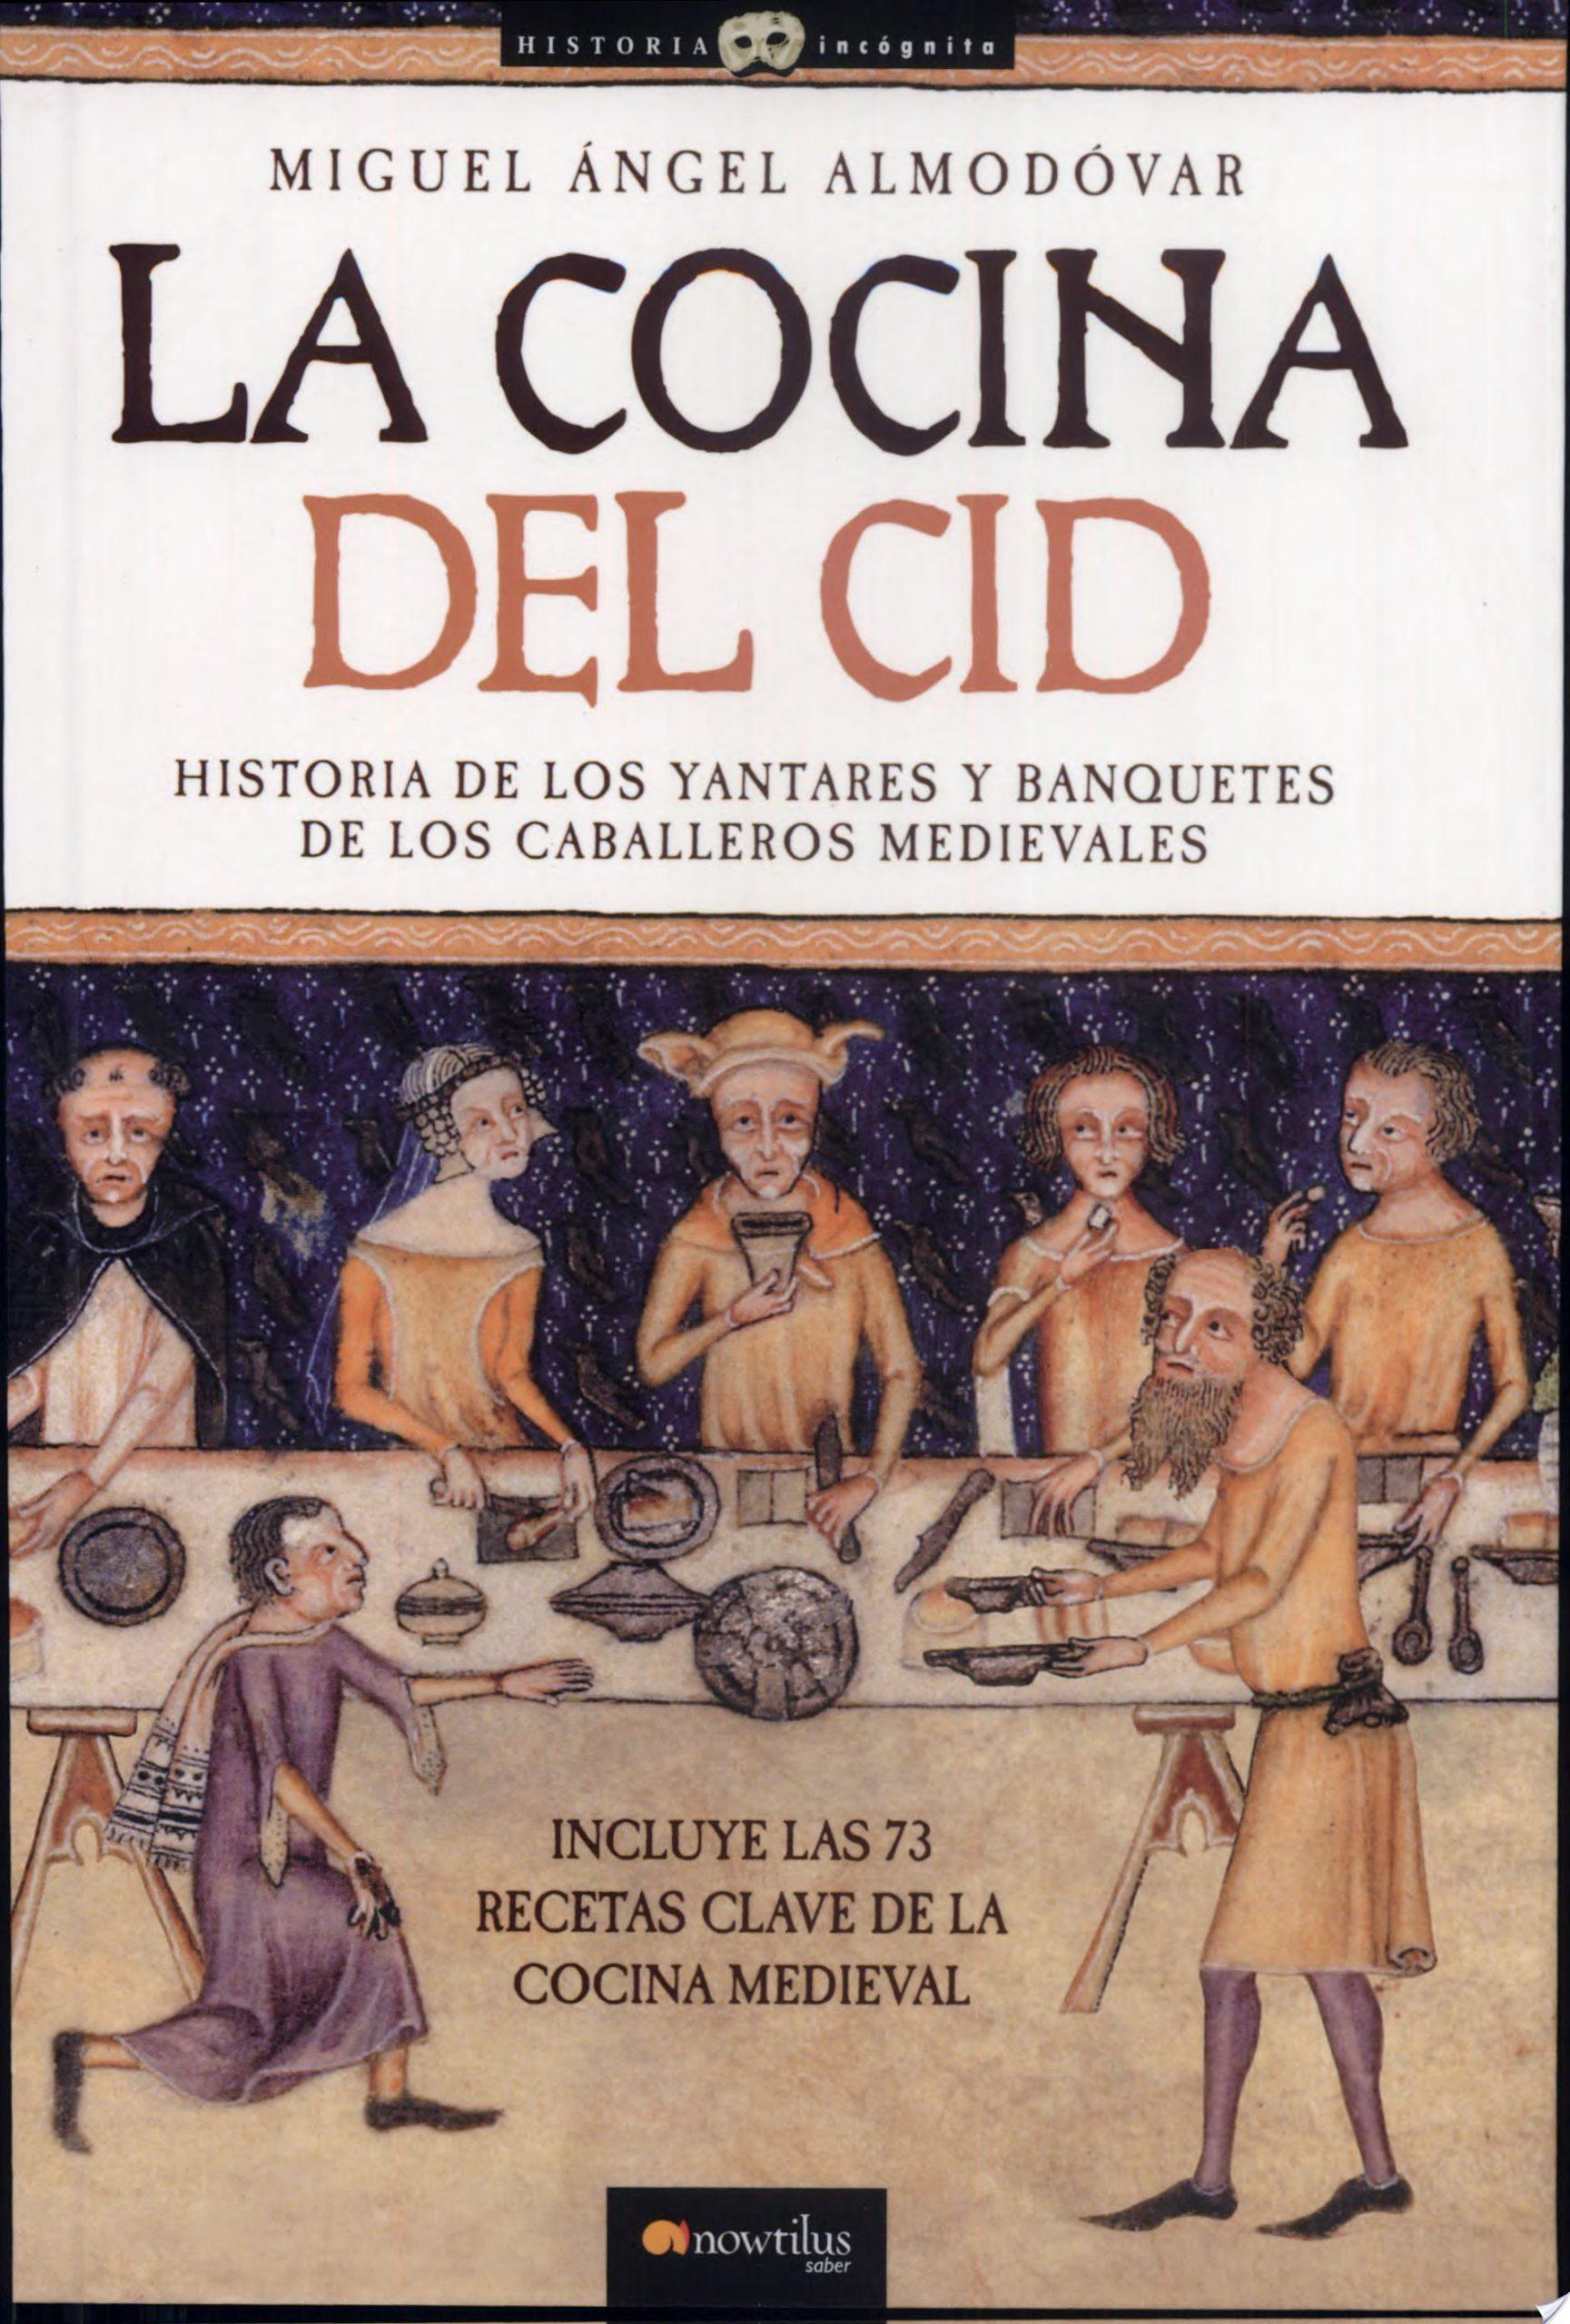 La Cocina del Cid, de Miguel Angel Almodovar